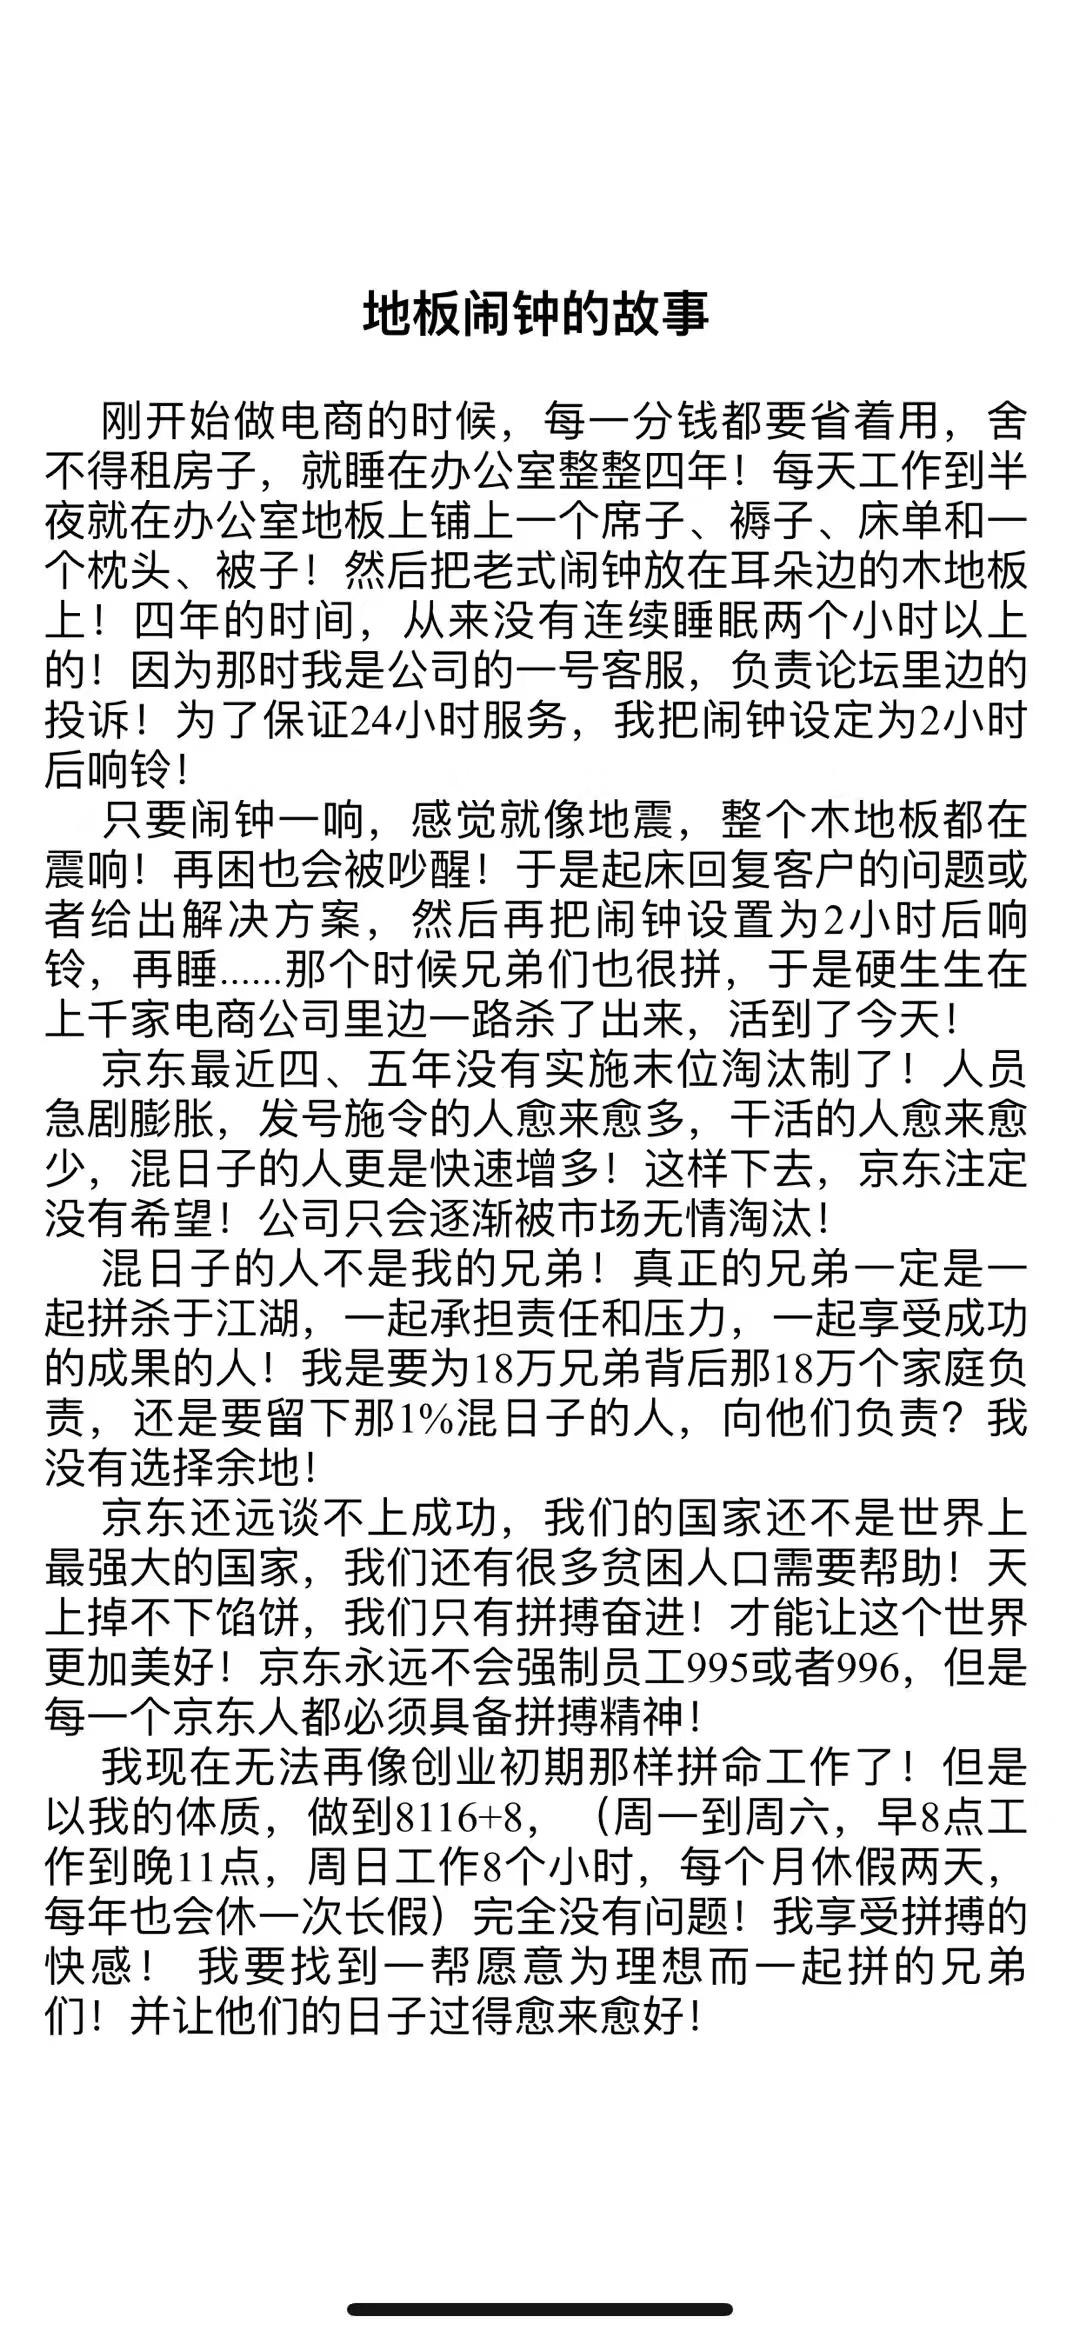 刘强东最新发声说了什么全文曝光 刘强东最新发声回应996传闻真相